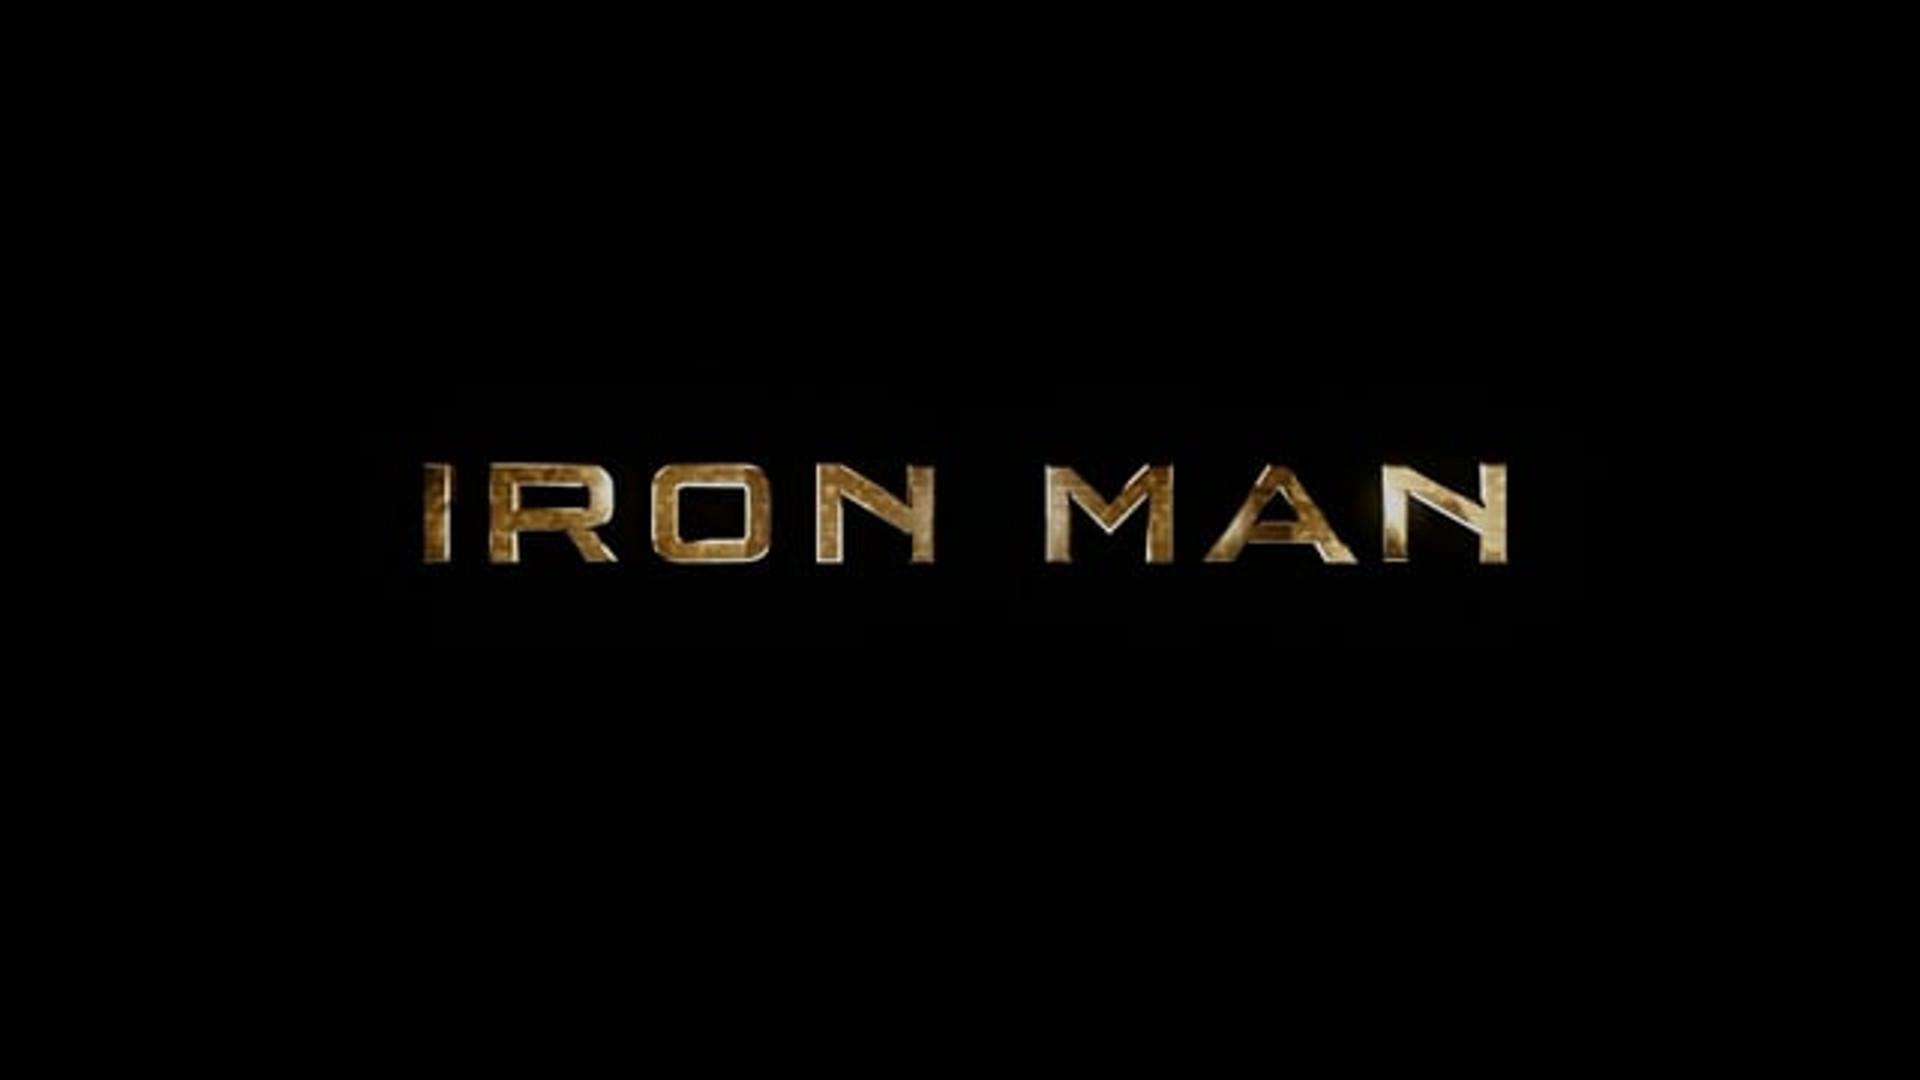 Iron Man - Tony Stark Apogee Awards